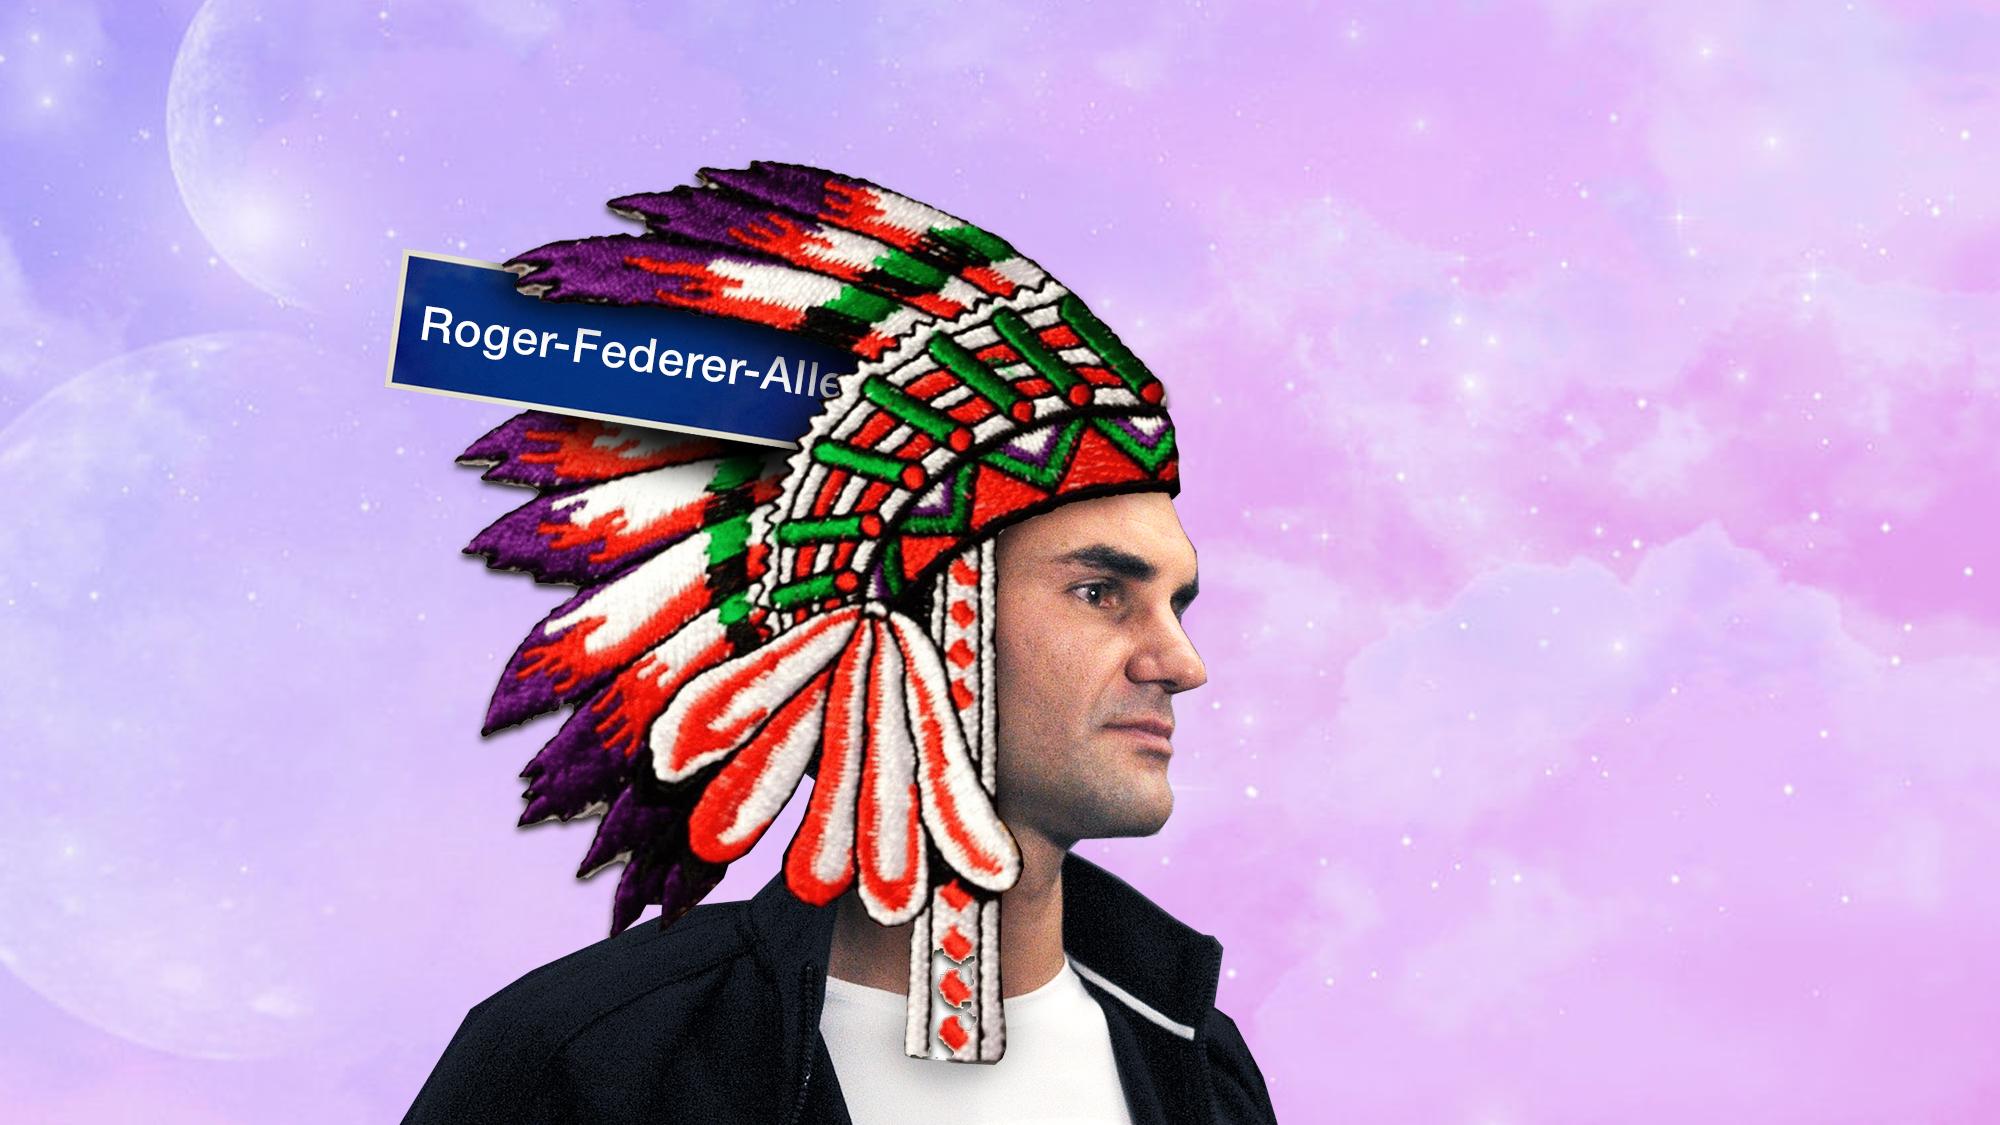 Pressekonferenz mit Roger Federer beim Swiss Indoors Tennisturnier in der St. Jakobshalle in Basel, am Dienstag, 21. Oktober